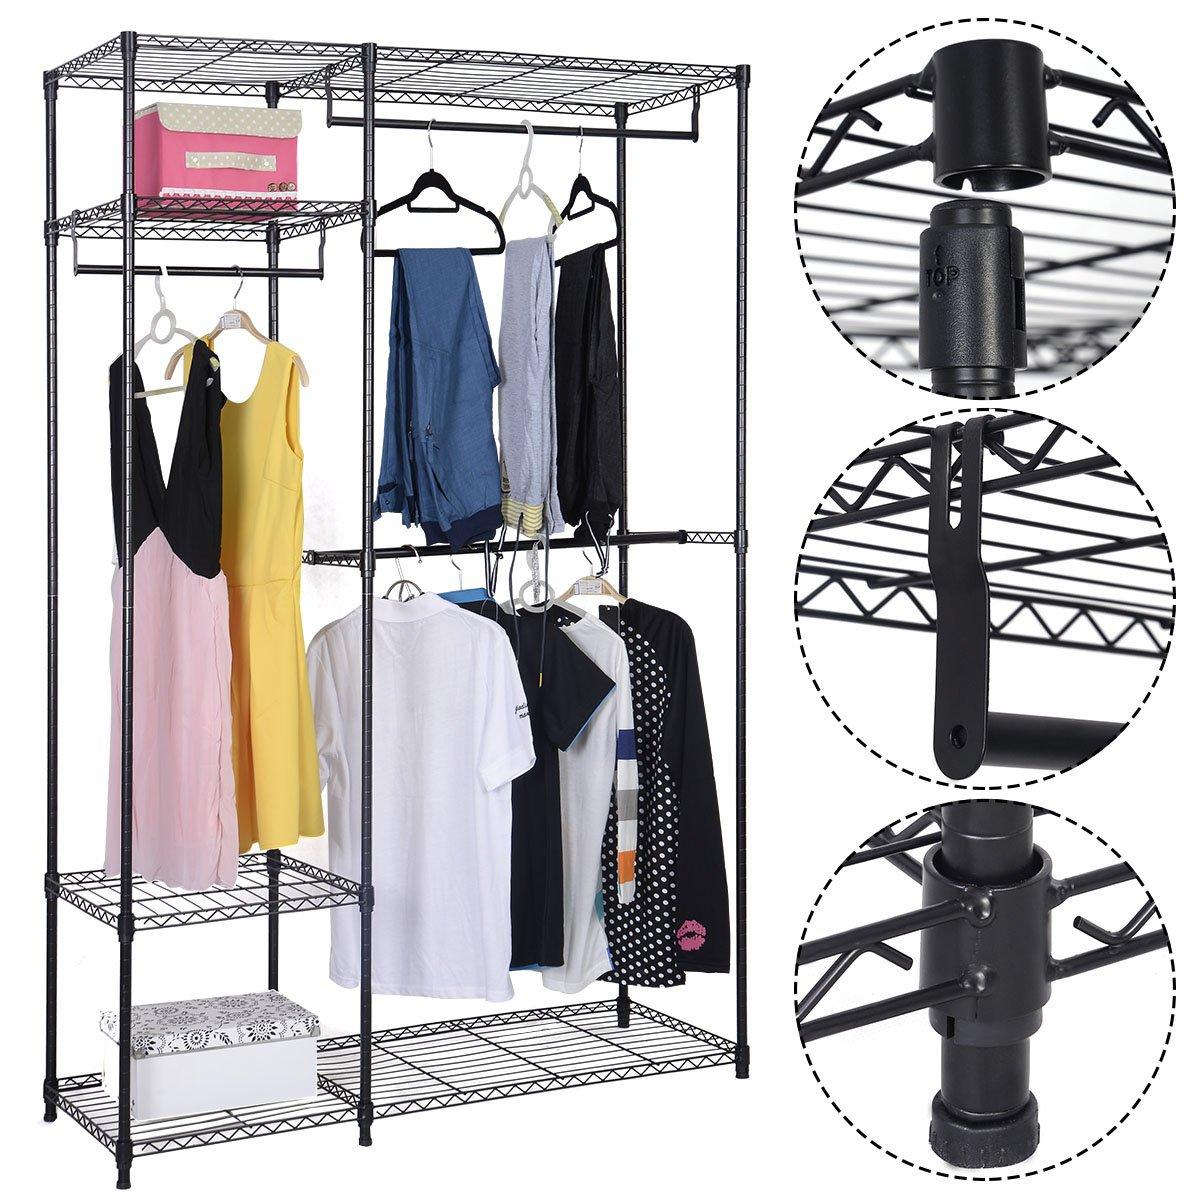 Tolle plastikschrank rei verschluss bilder schlafzimmer for Kleiderschrank stoff poco